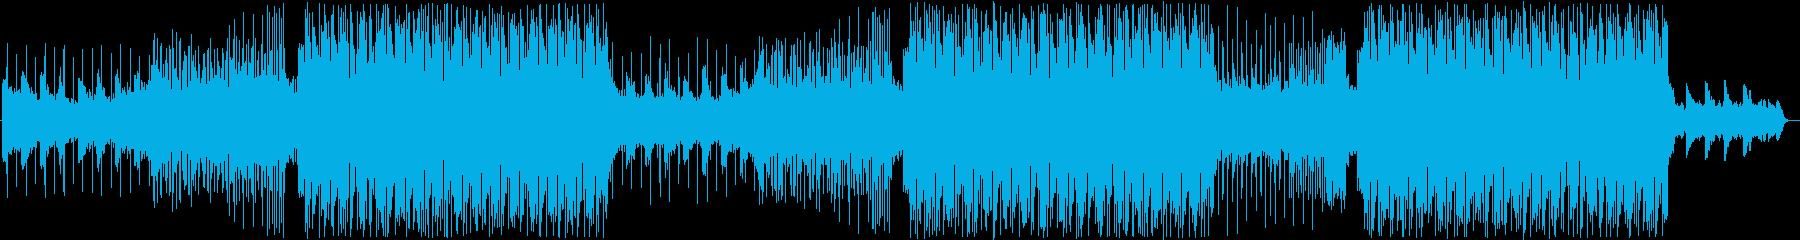 洋楽 フューチャーポップ  ED 希望の再生済みの波形